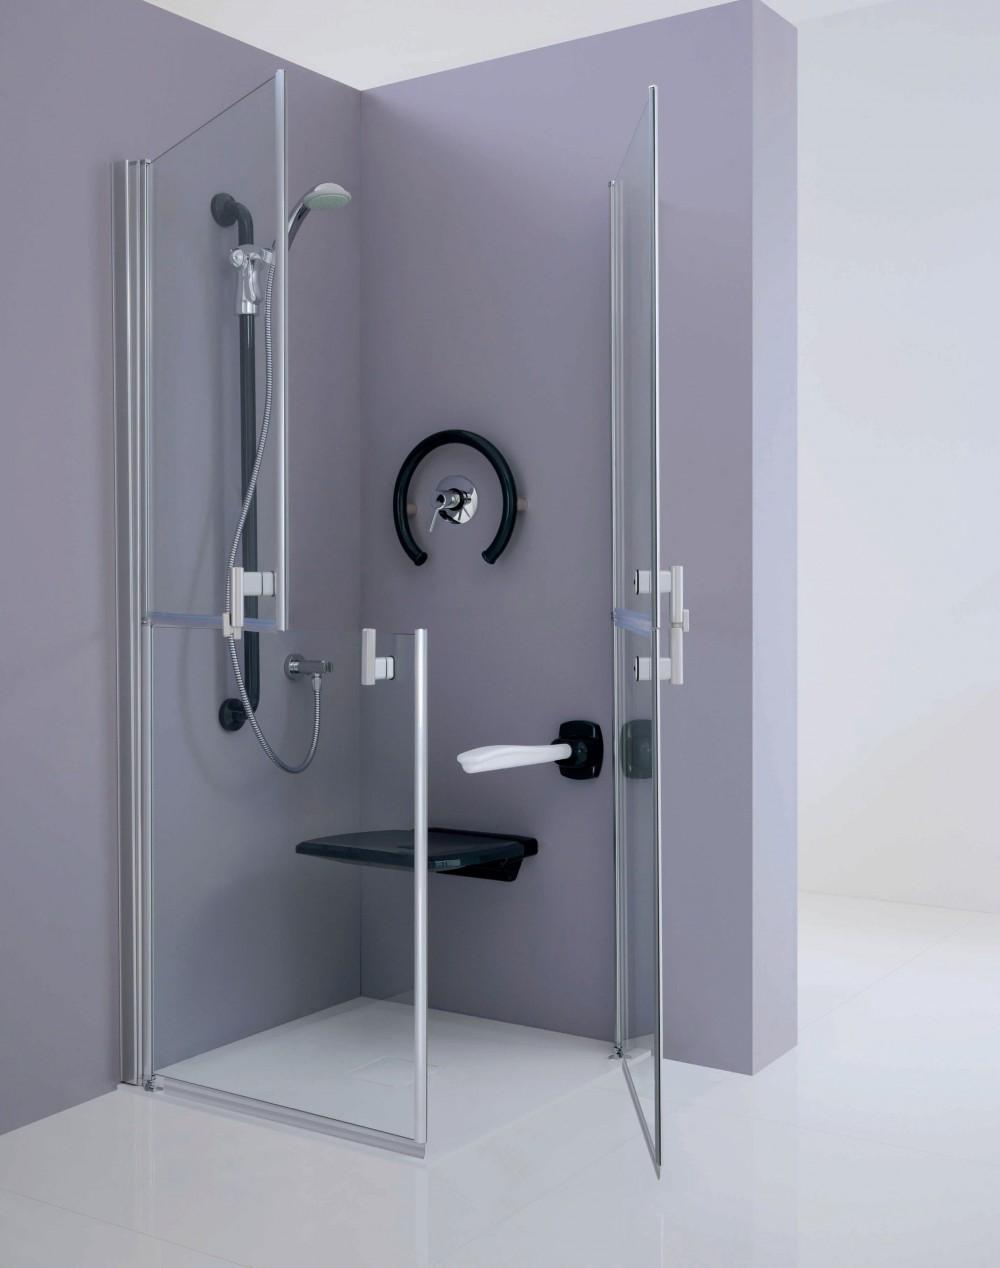 Design for all il bagno - Maniglione disabili bagno ...